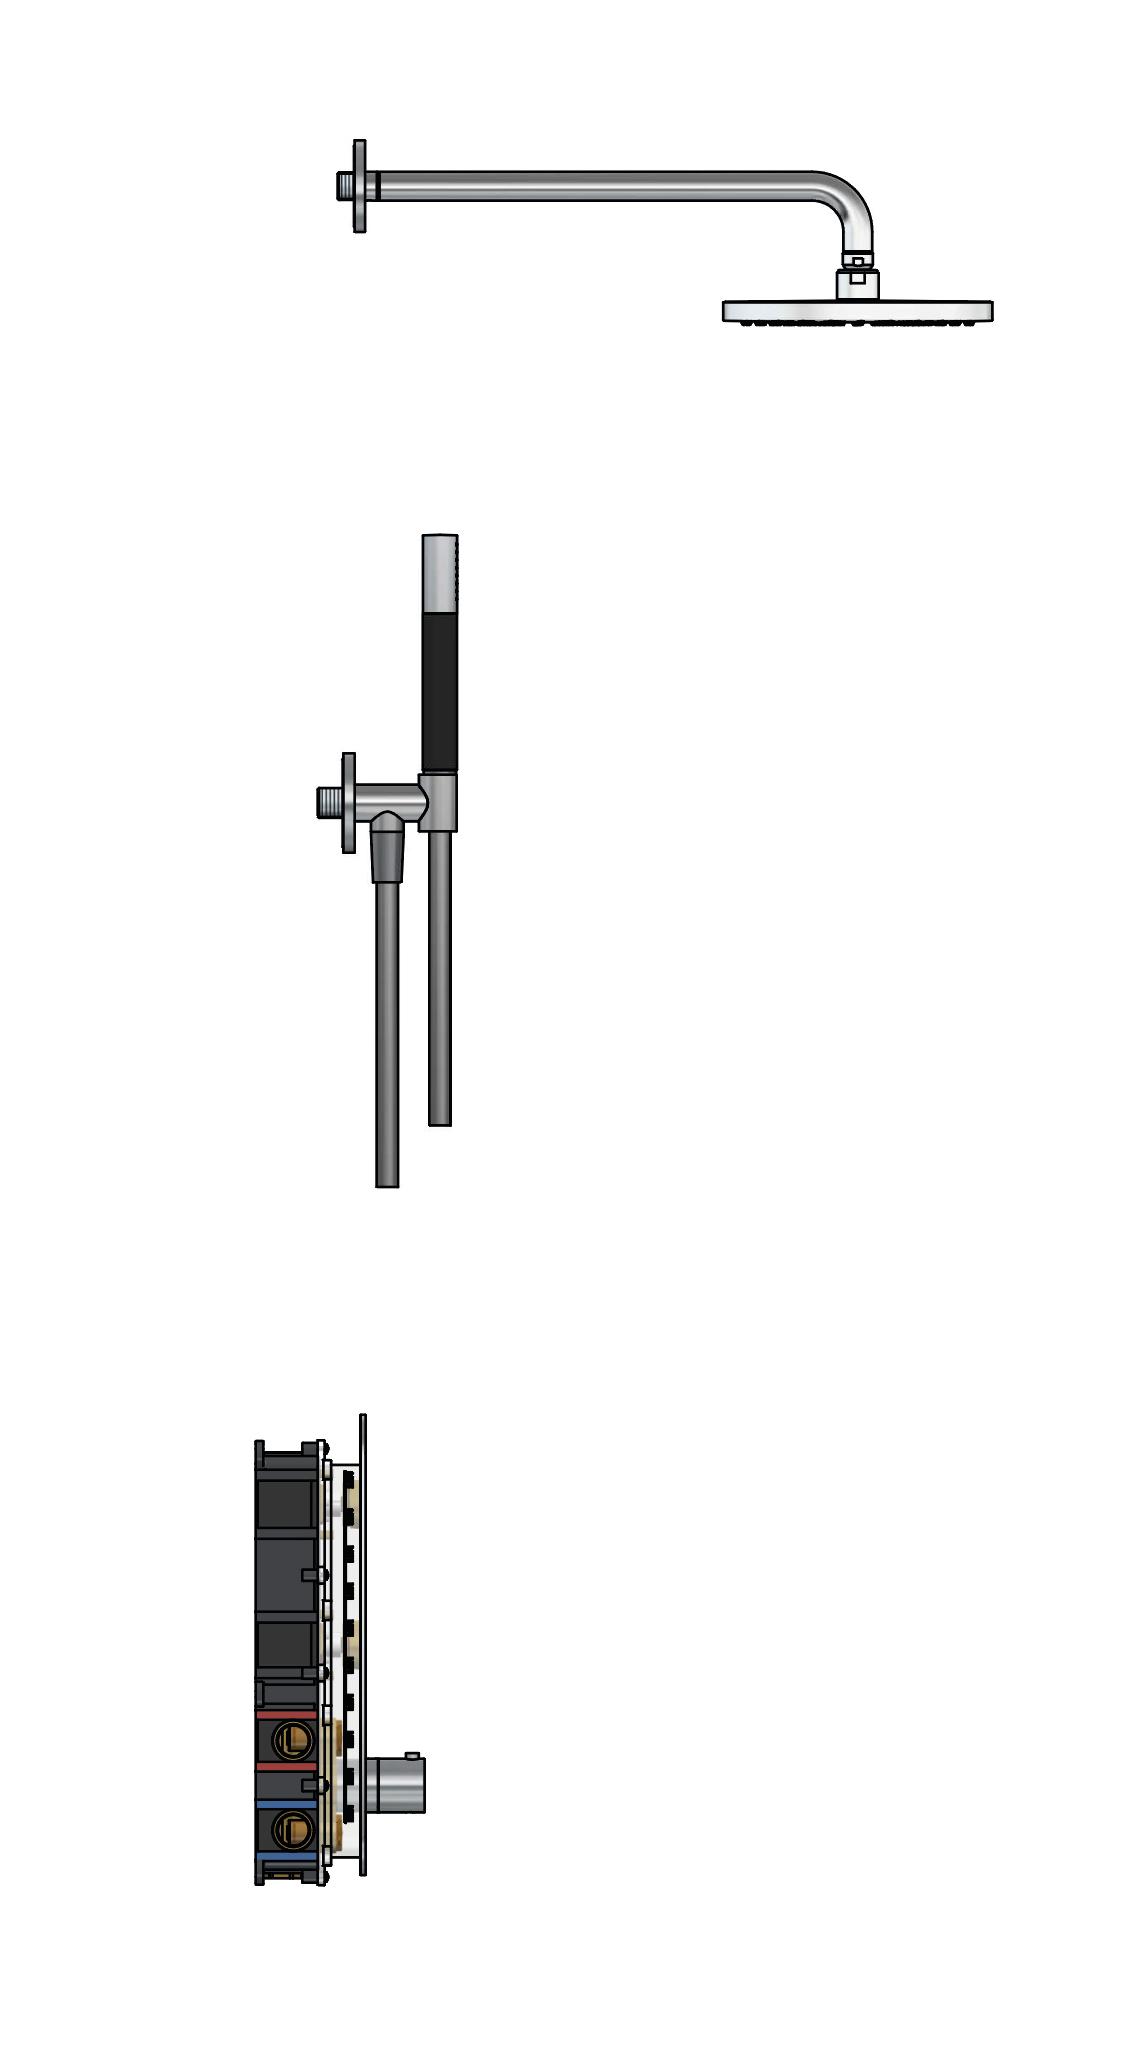 Hotbath Cobber Complete Thermostatische Douche Inbouwset Zwart Mat IBS24